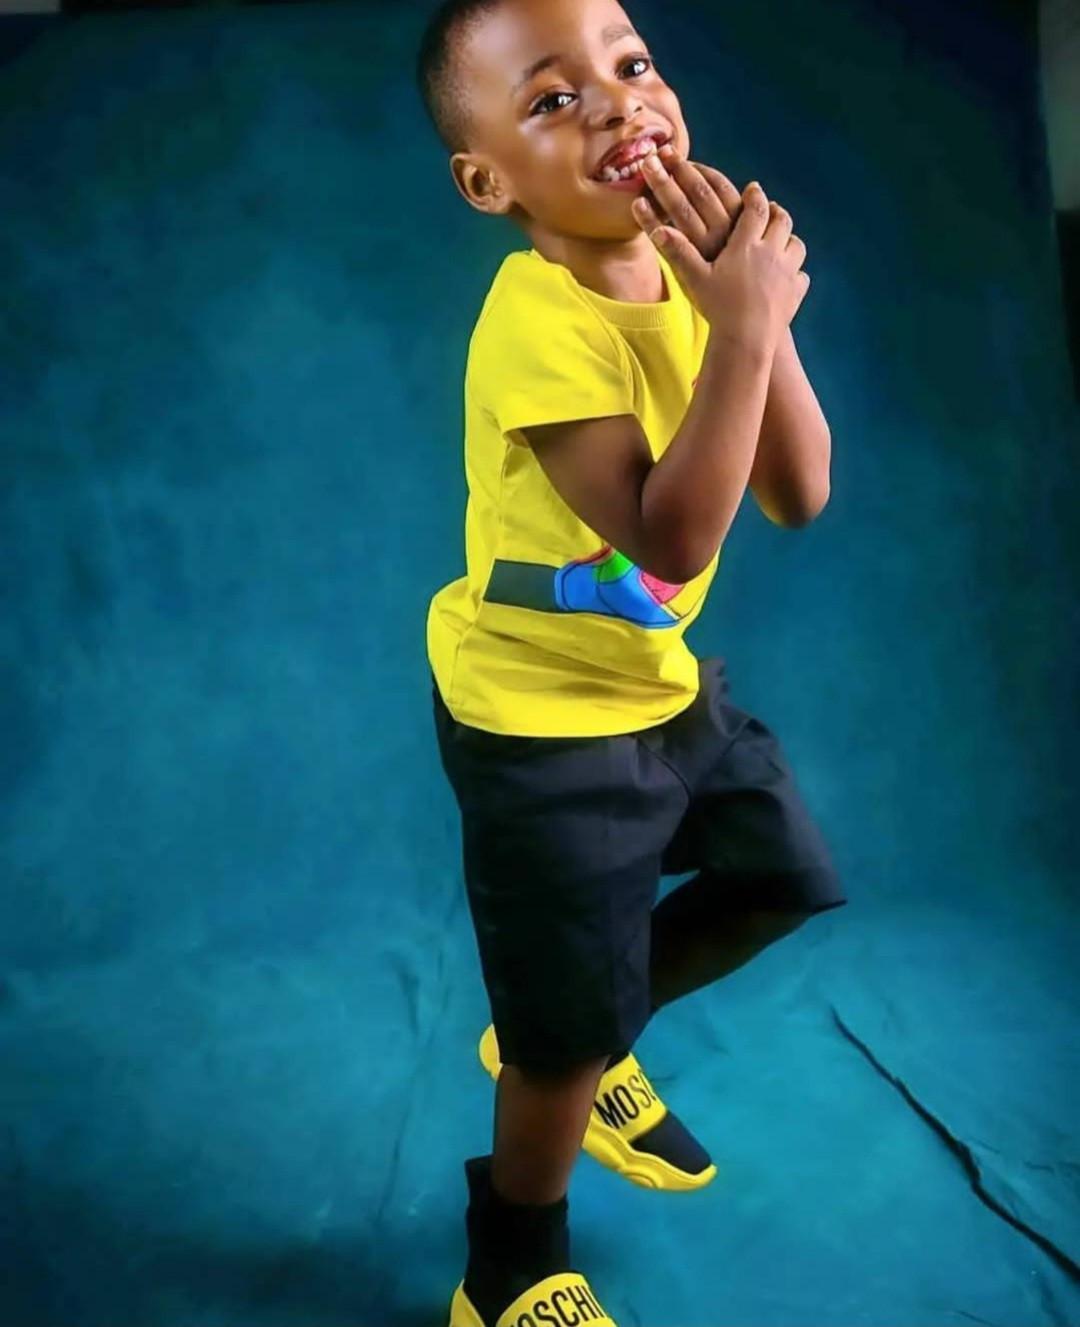 Adorable photos of Linda Ikeji